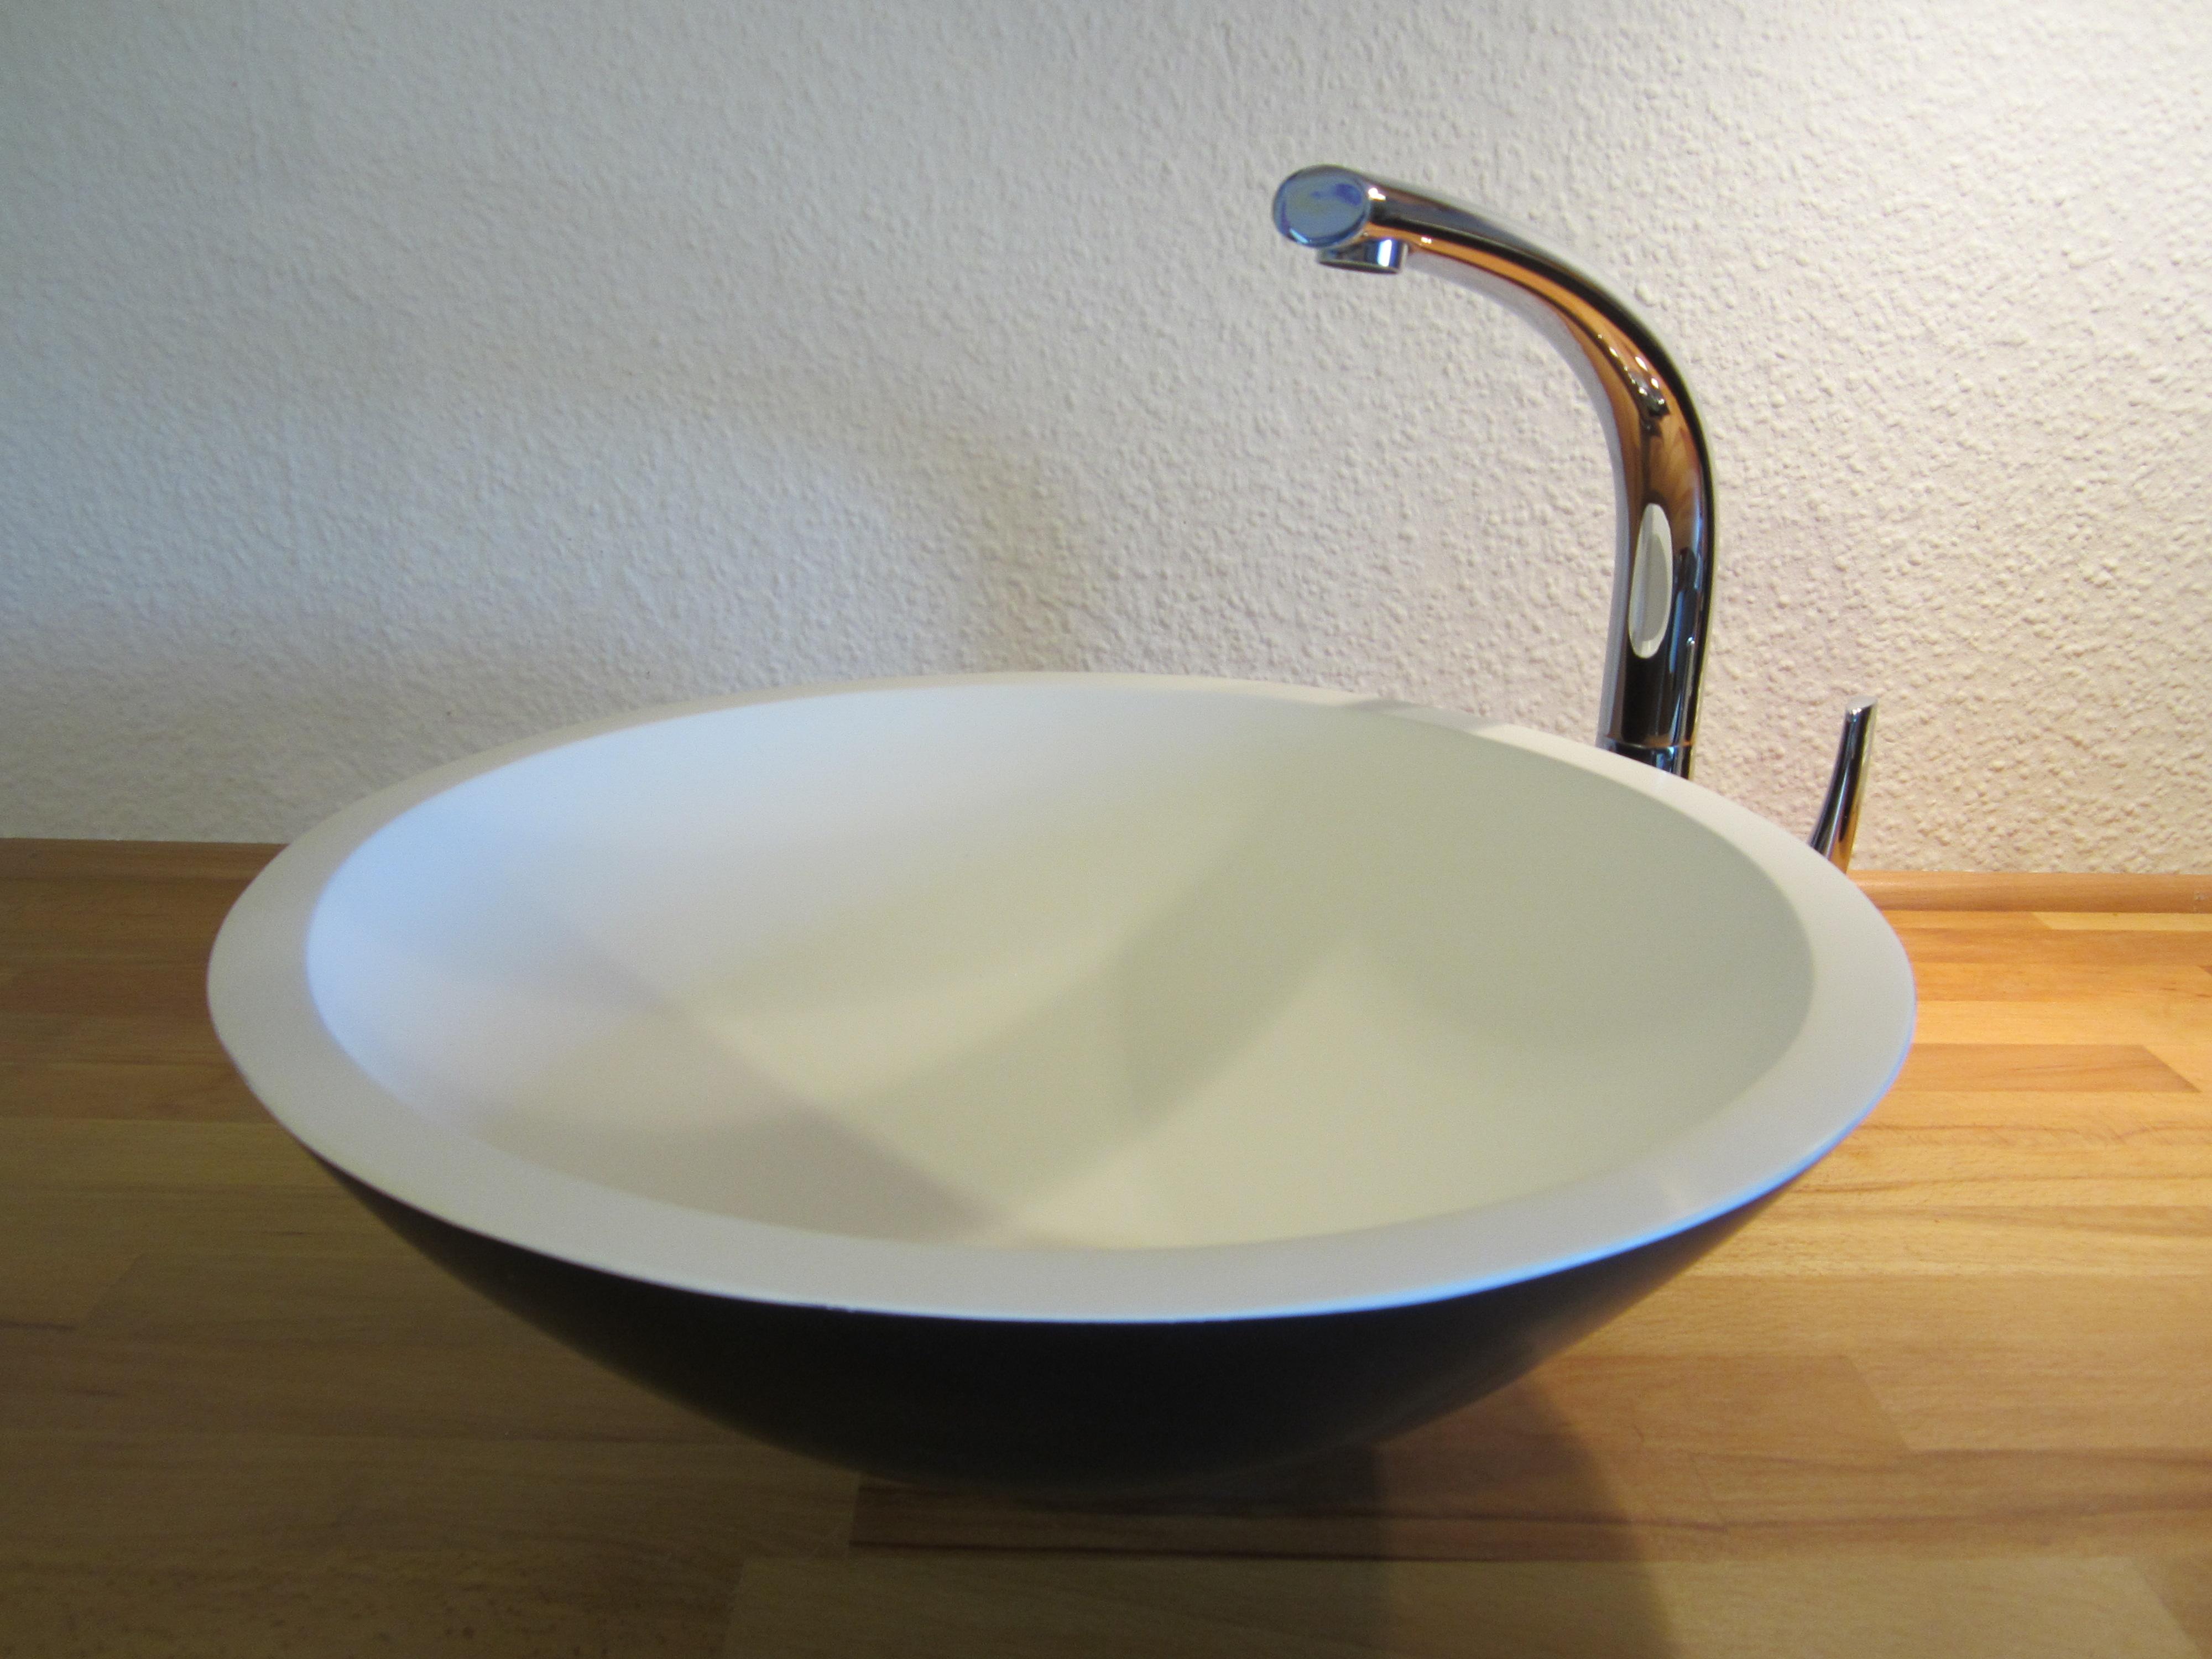 Waschbecken Schwarz Eckig Fabulous Badmbel Flex Kaufen Waschbecken